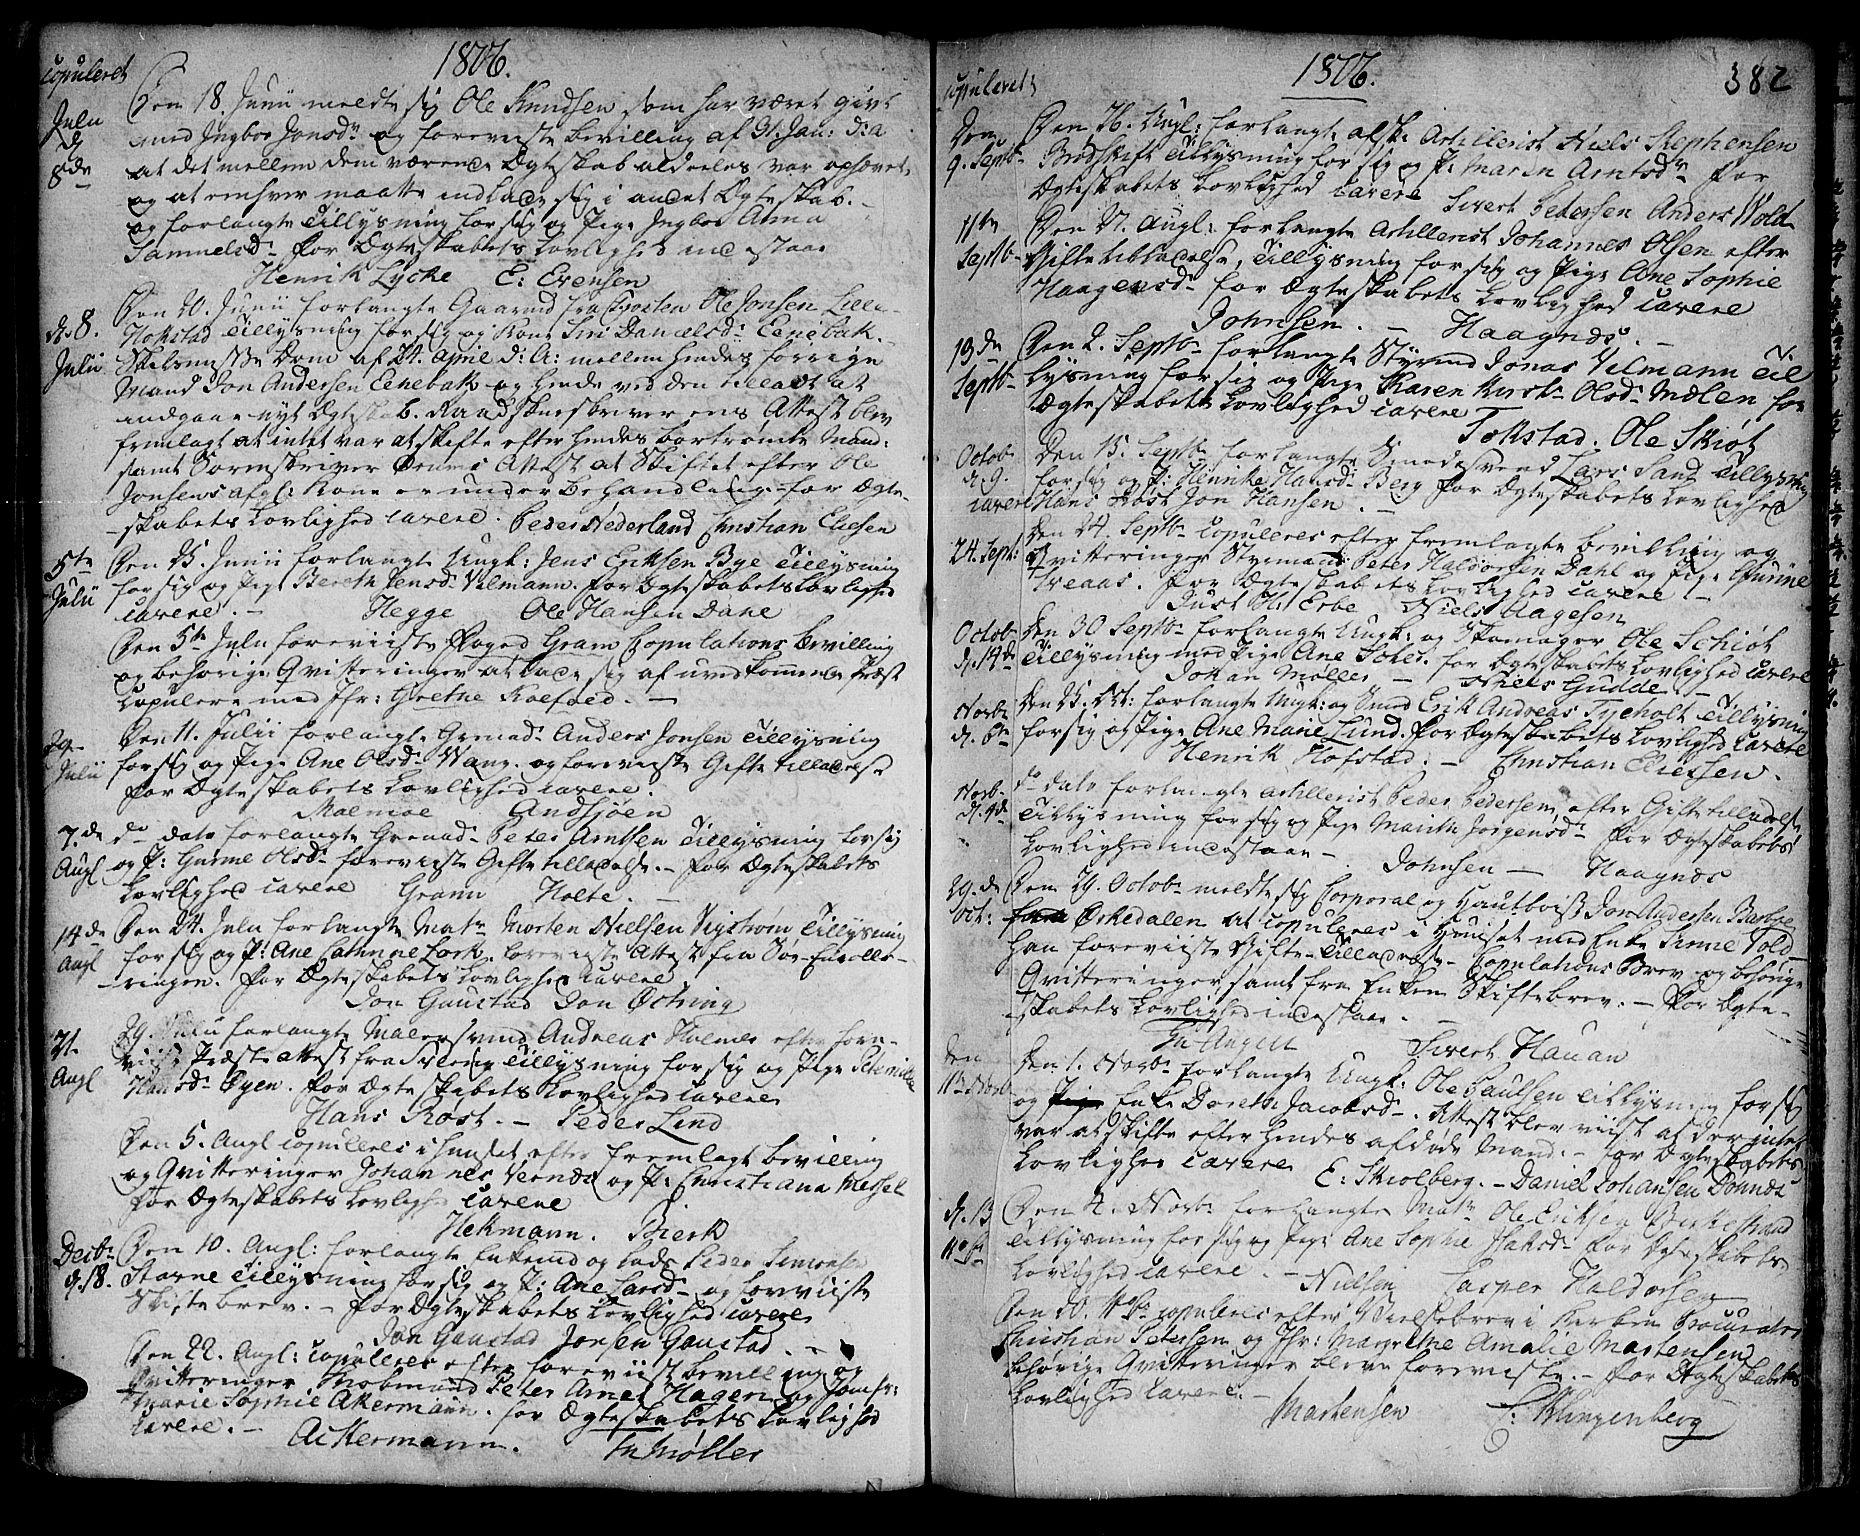 SAT, Ministerialprotokoller, klokkerbøker og fødselsregistre - Sør-Trøndelag, 601/L0038: Ministerialbok nr. 601A06, 1766-1877, s. 382